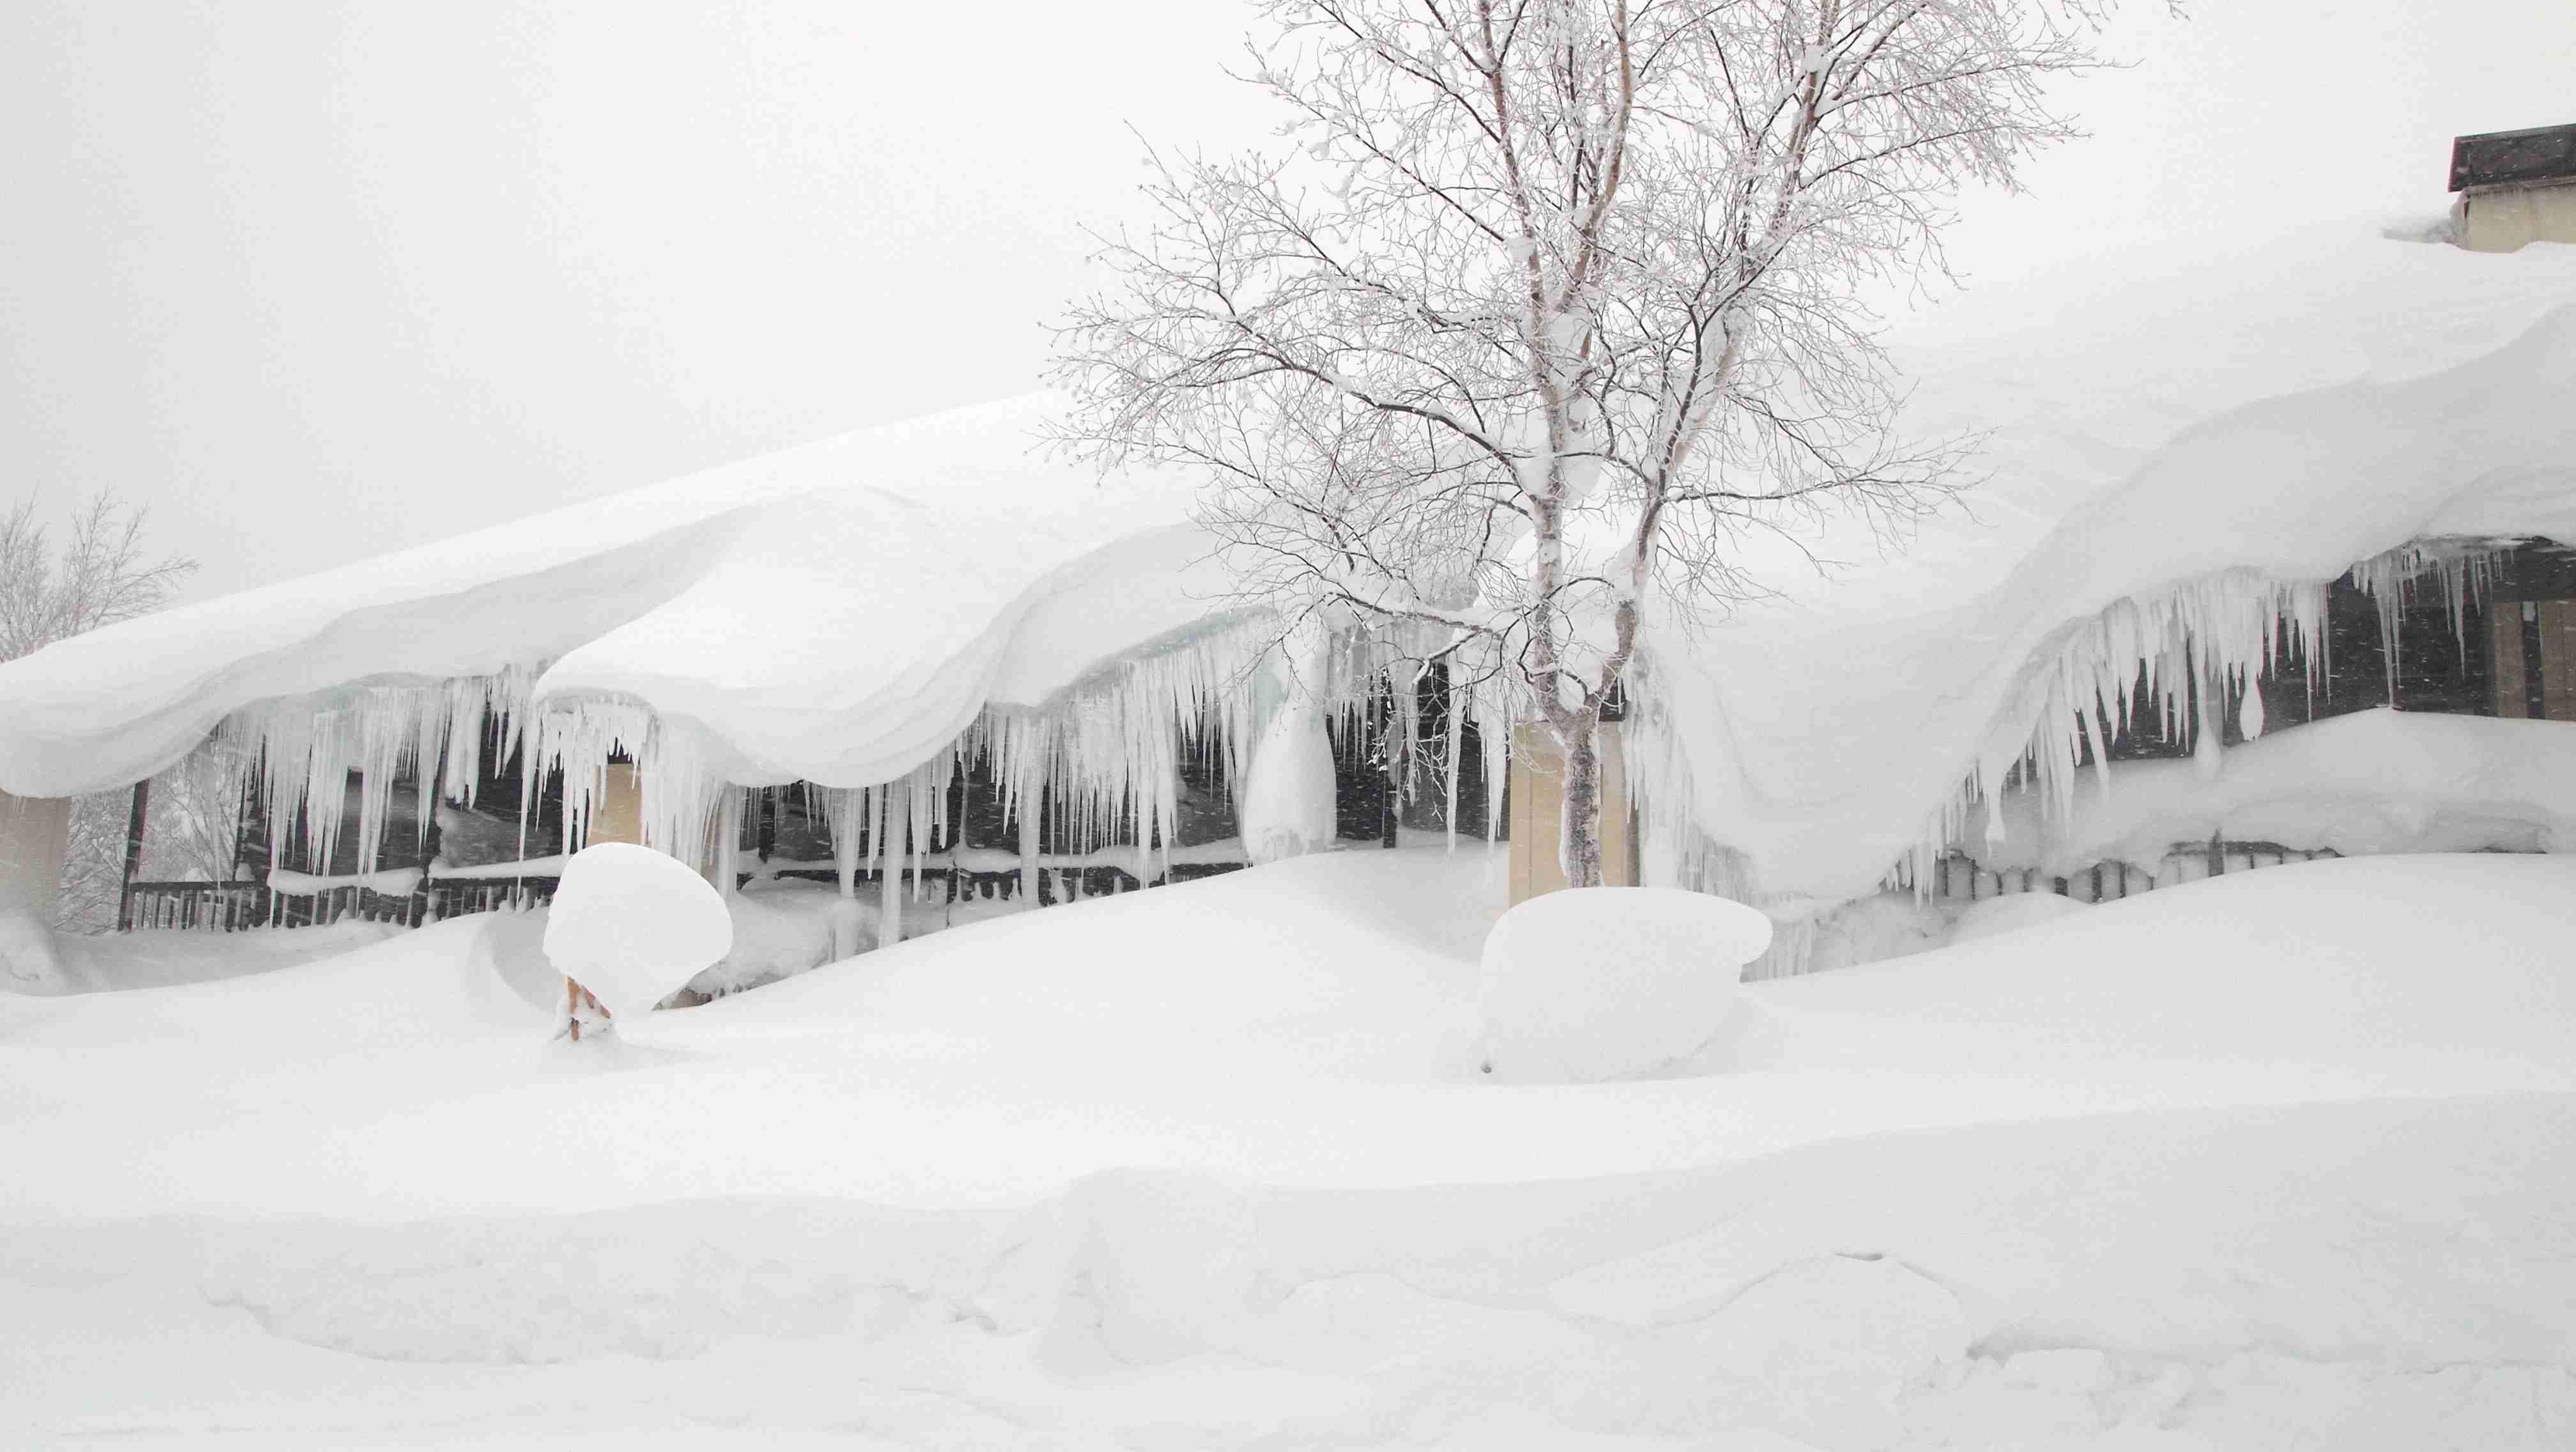 雪降る銀山温泉が言葉を失う美しさ 「大正浪漫の風情溢れる温泉郷」を捉えた写真に「行ってみたい」の声